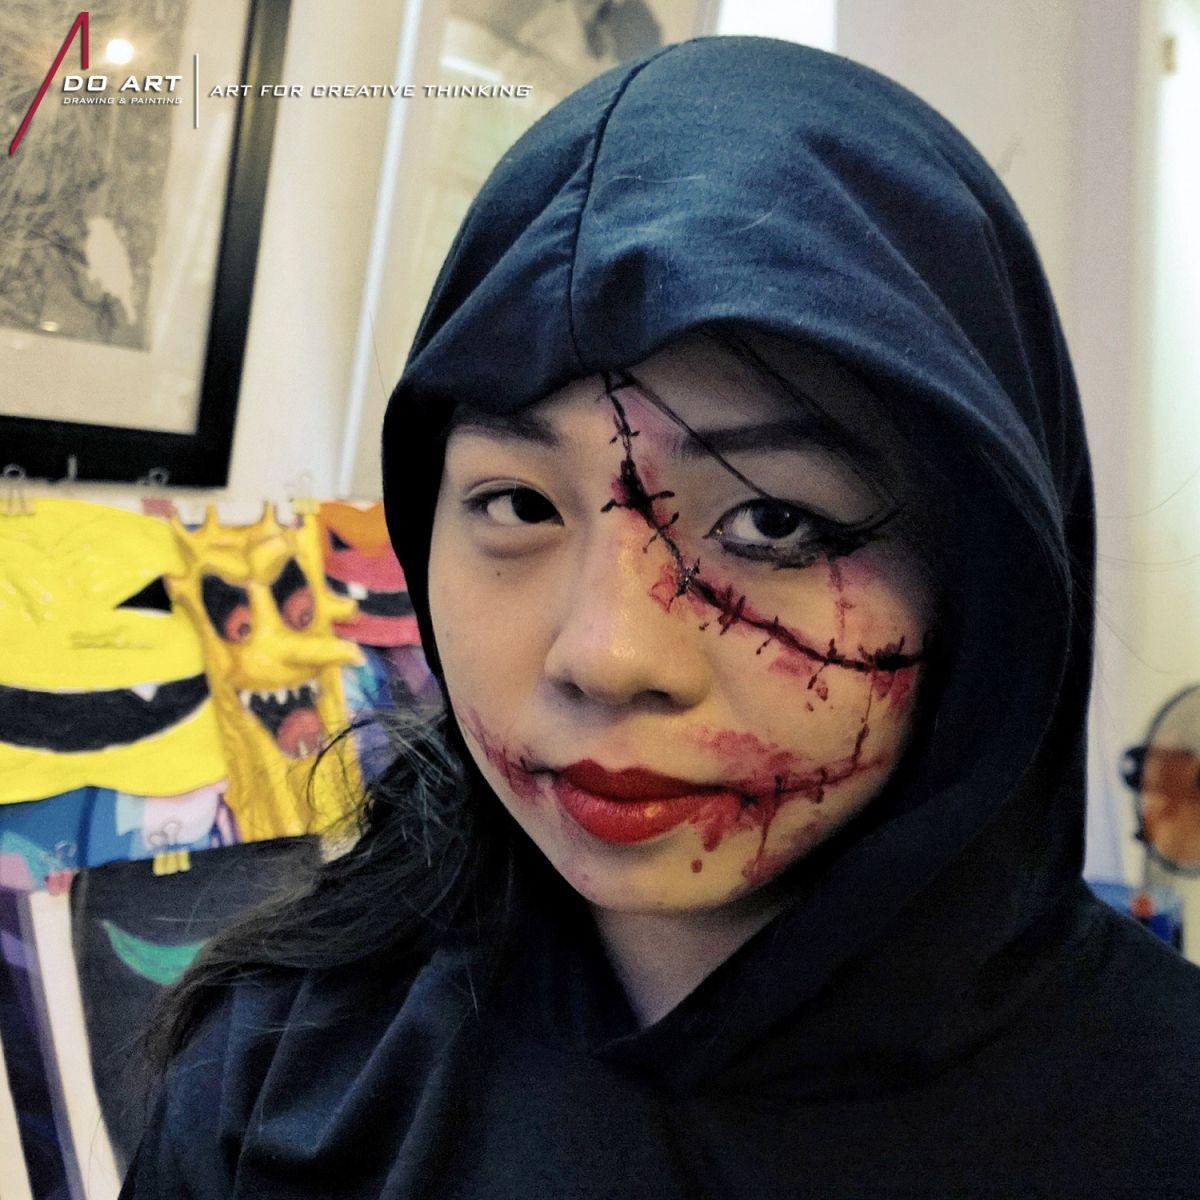 dem-hoi-halloween-doart-4